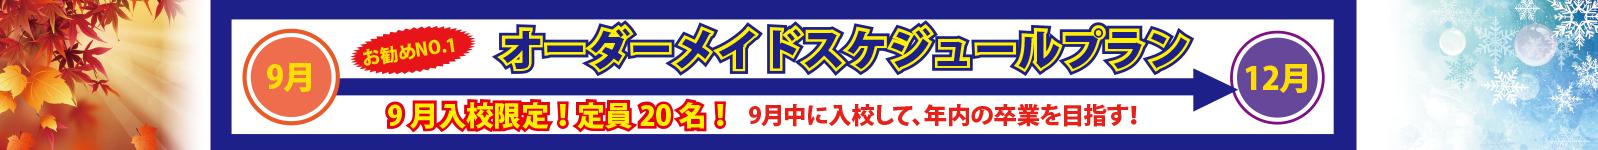 オーダーメイドプラン【普通車】